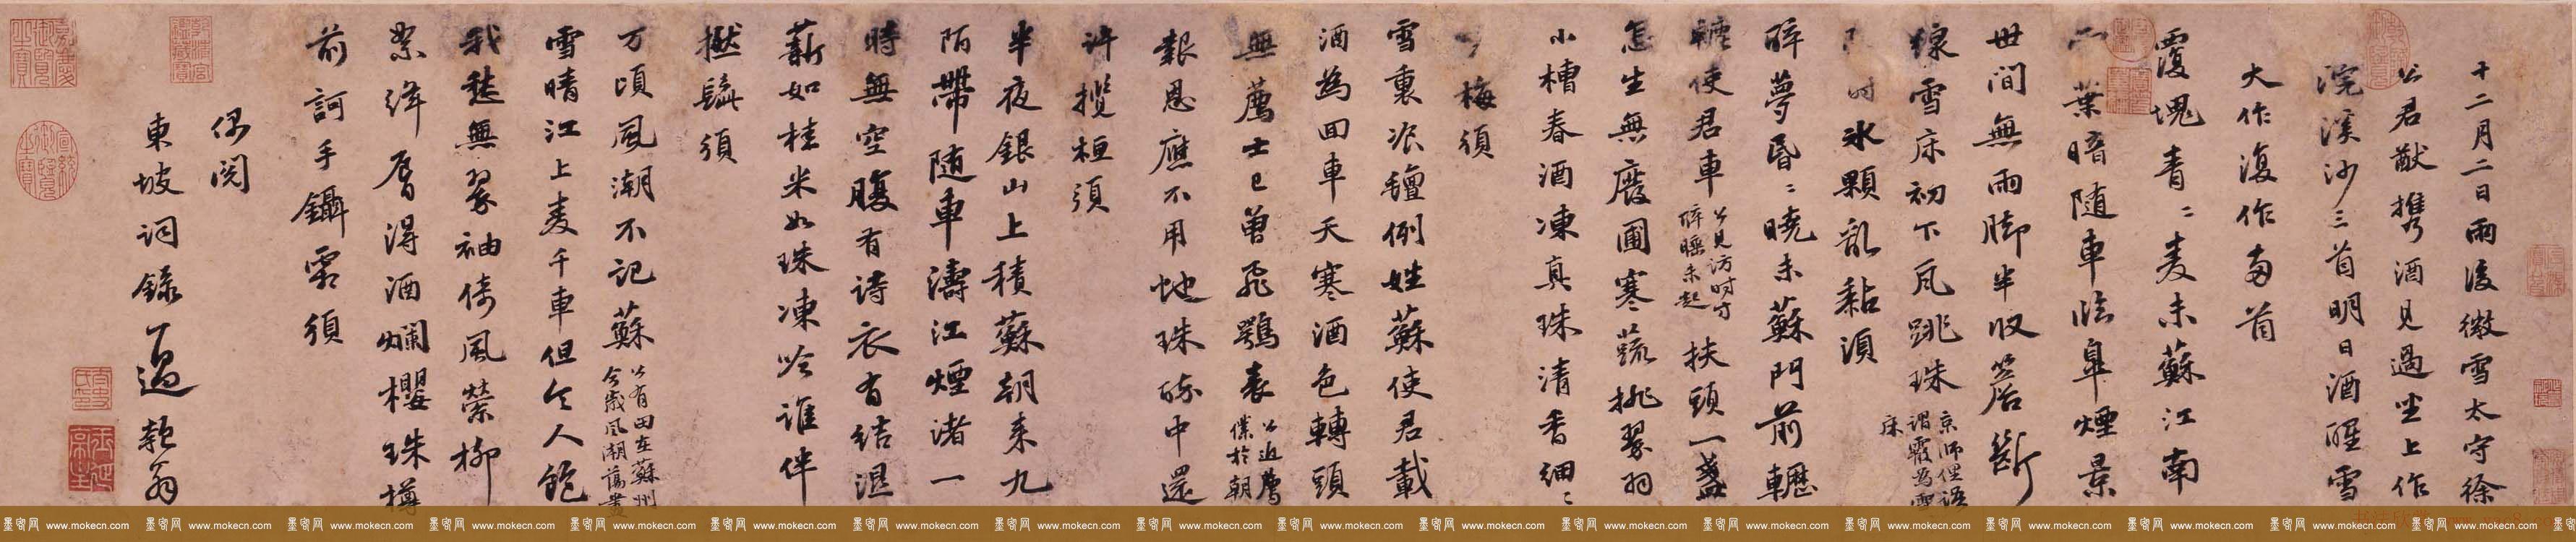 明代吴宽书法长卷欣赏《行书苏轼雪词卷》